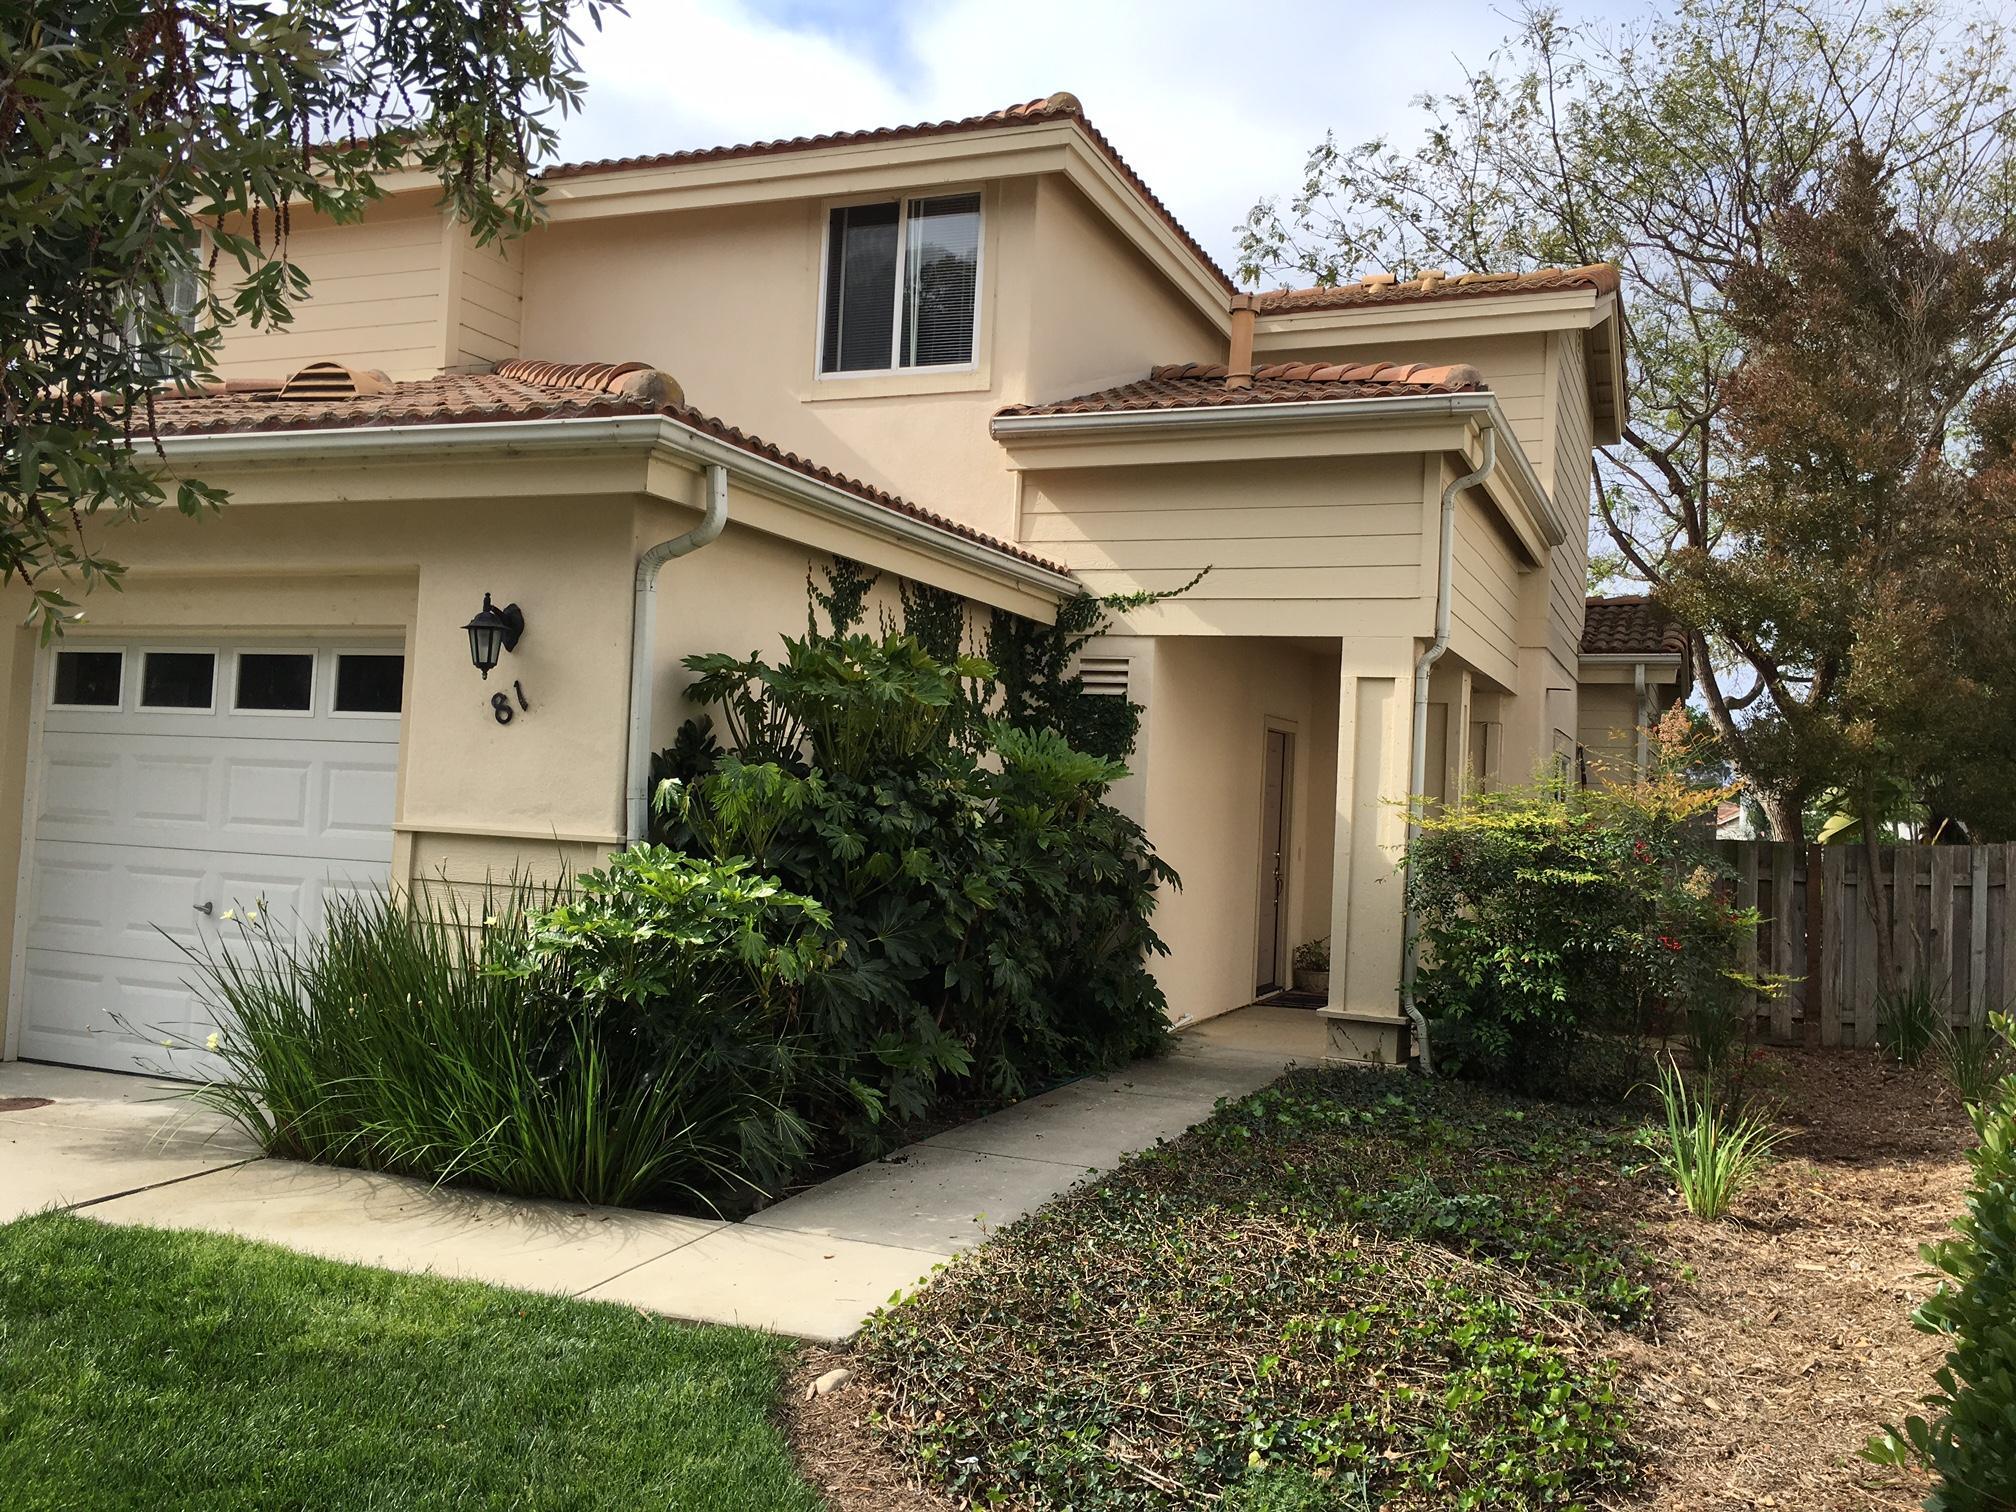 Property photo for 81 Touran Ln Goleta, California 93117 - 16-1295